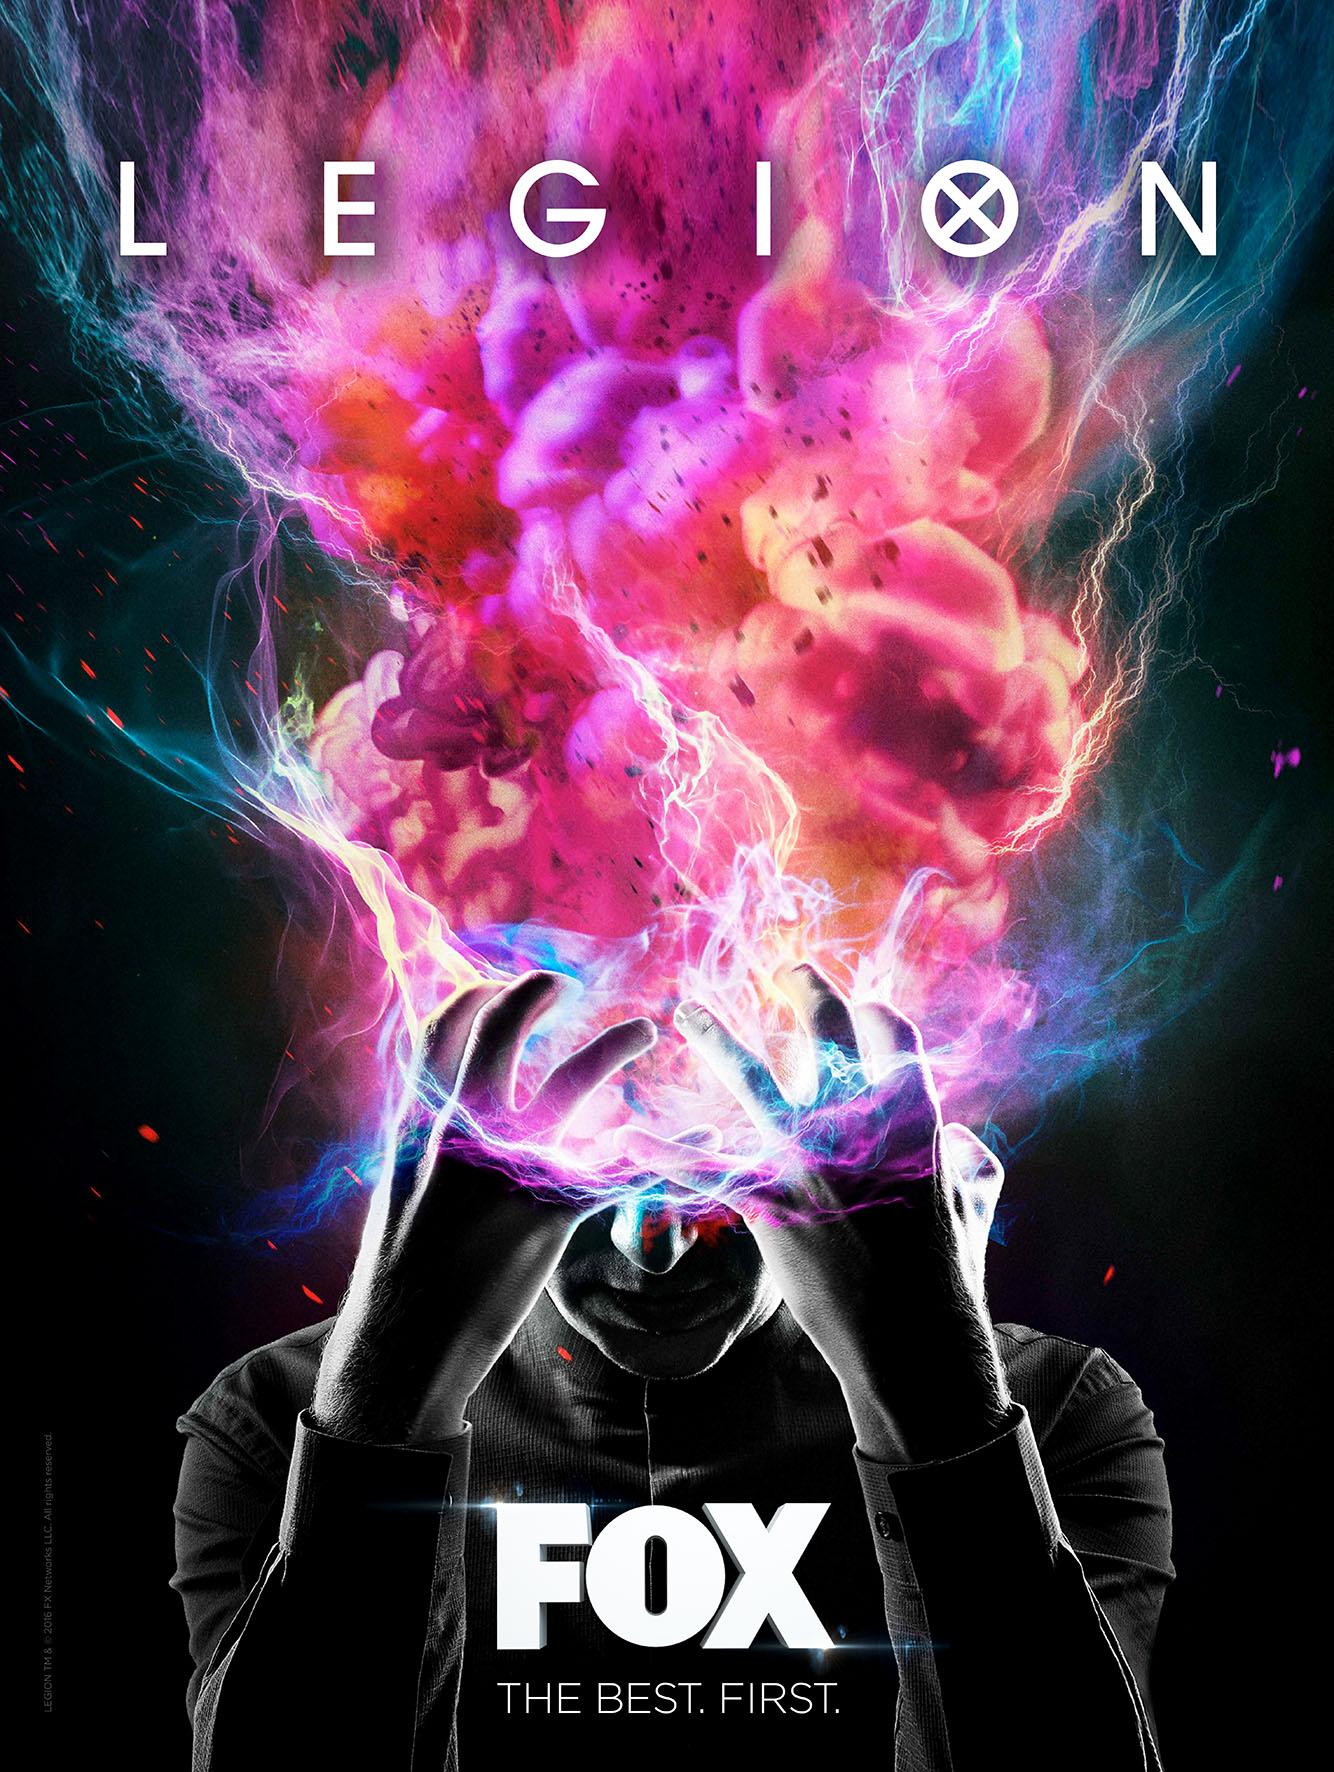 FOX_LEGION (Poster)